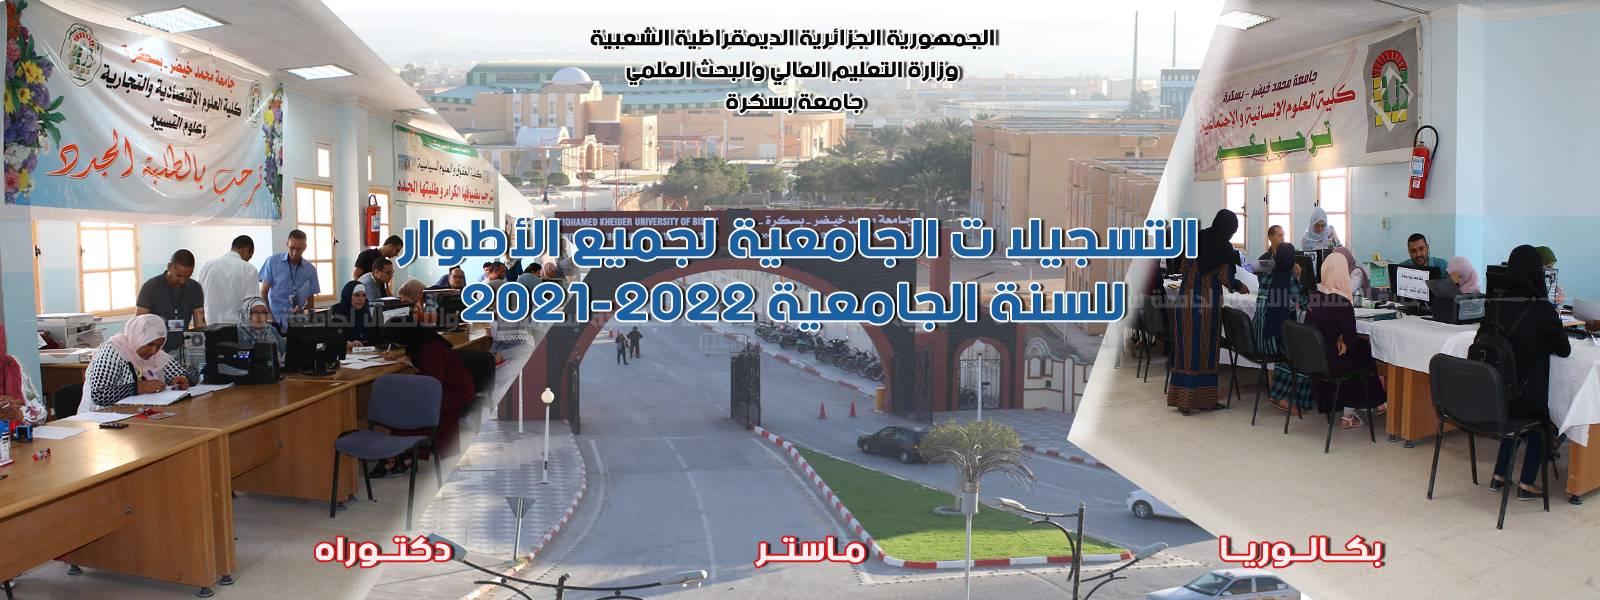 التسجيلات الجامعية لجميع الأطوار للسنة الجامعية 2021-2022